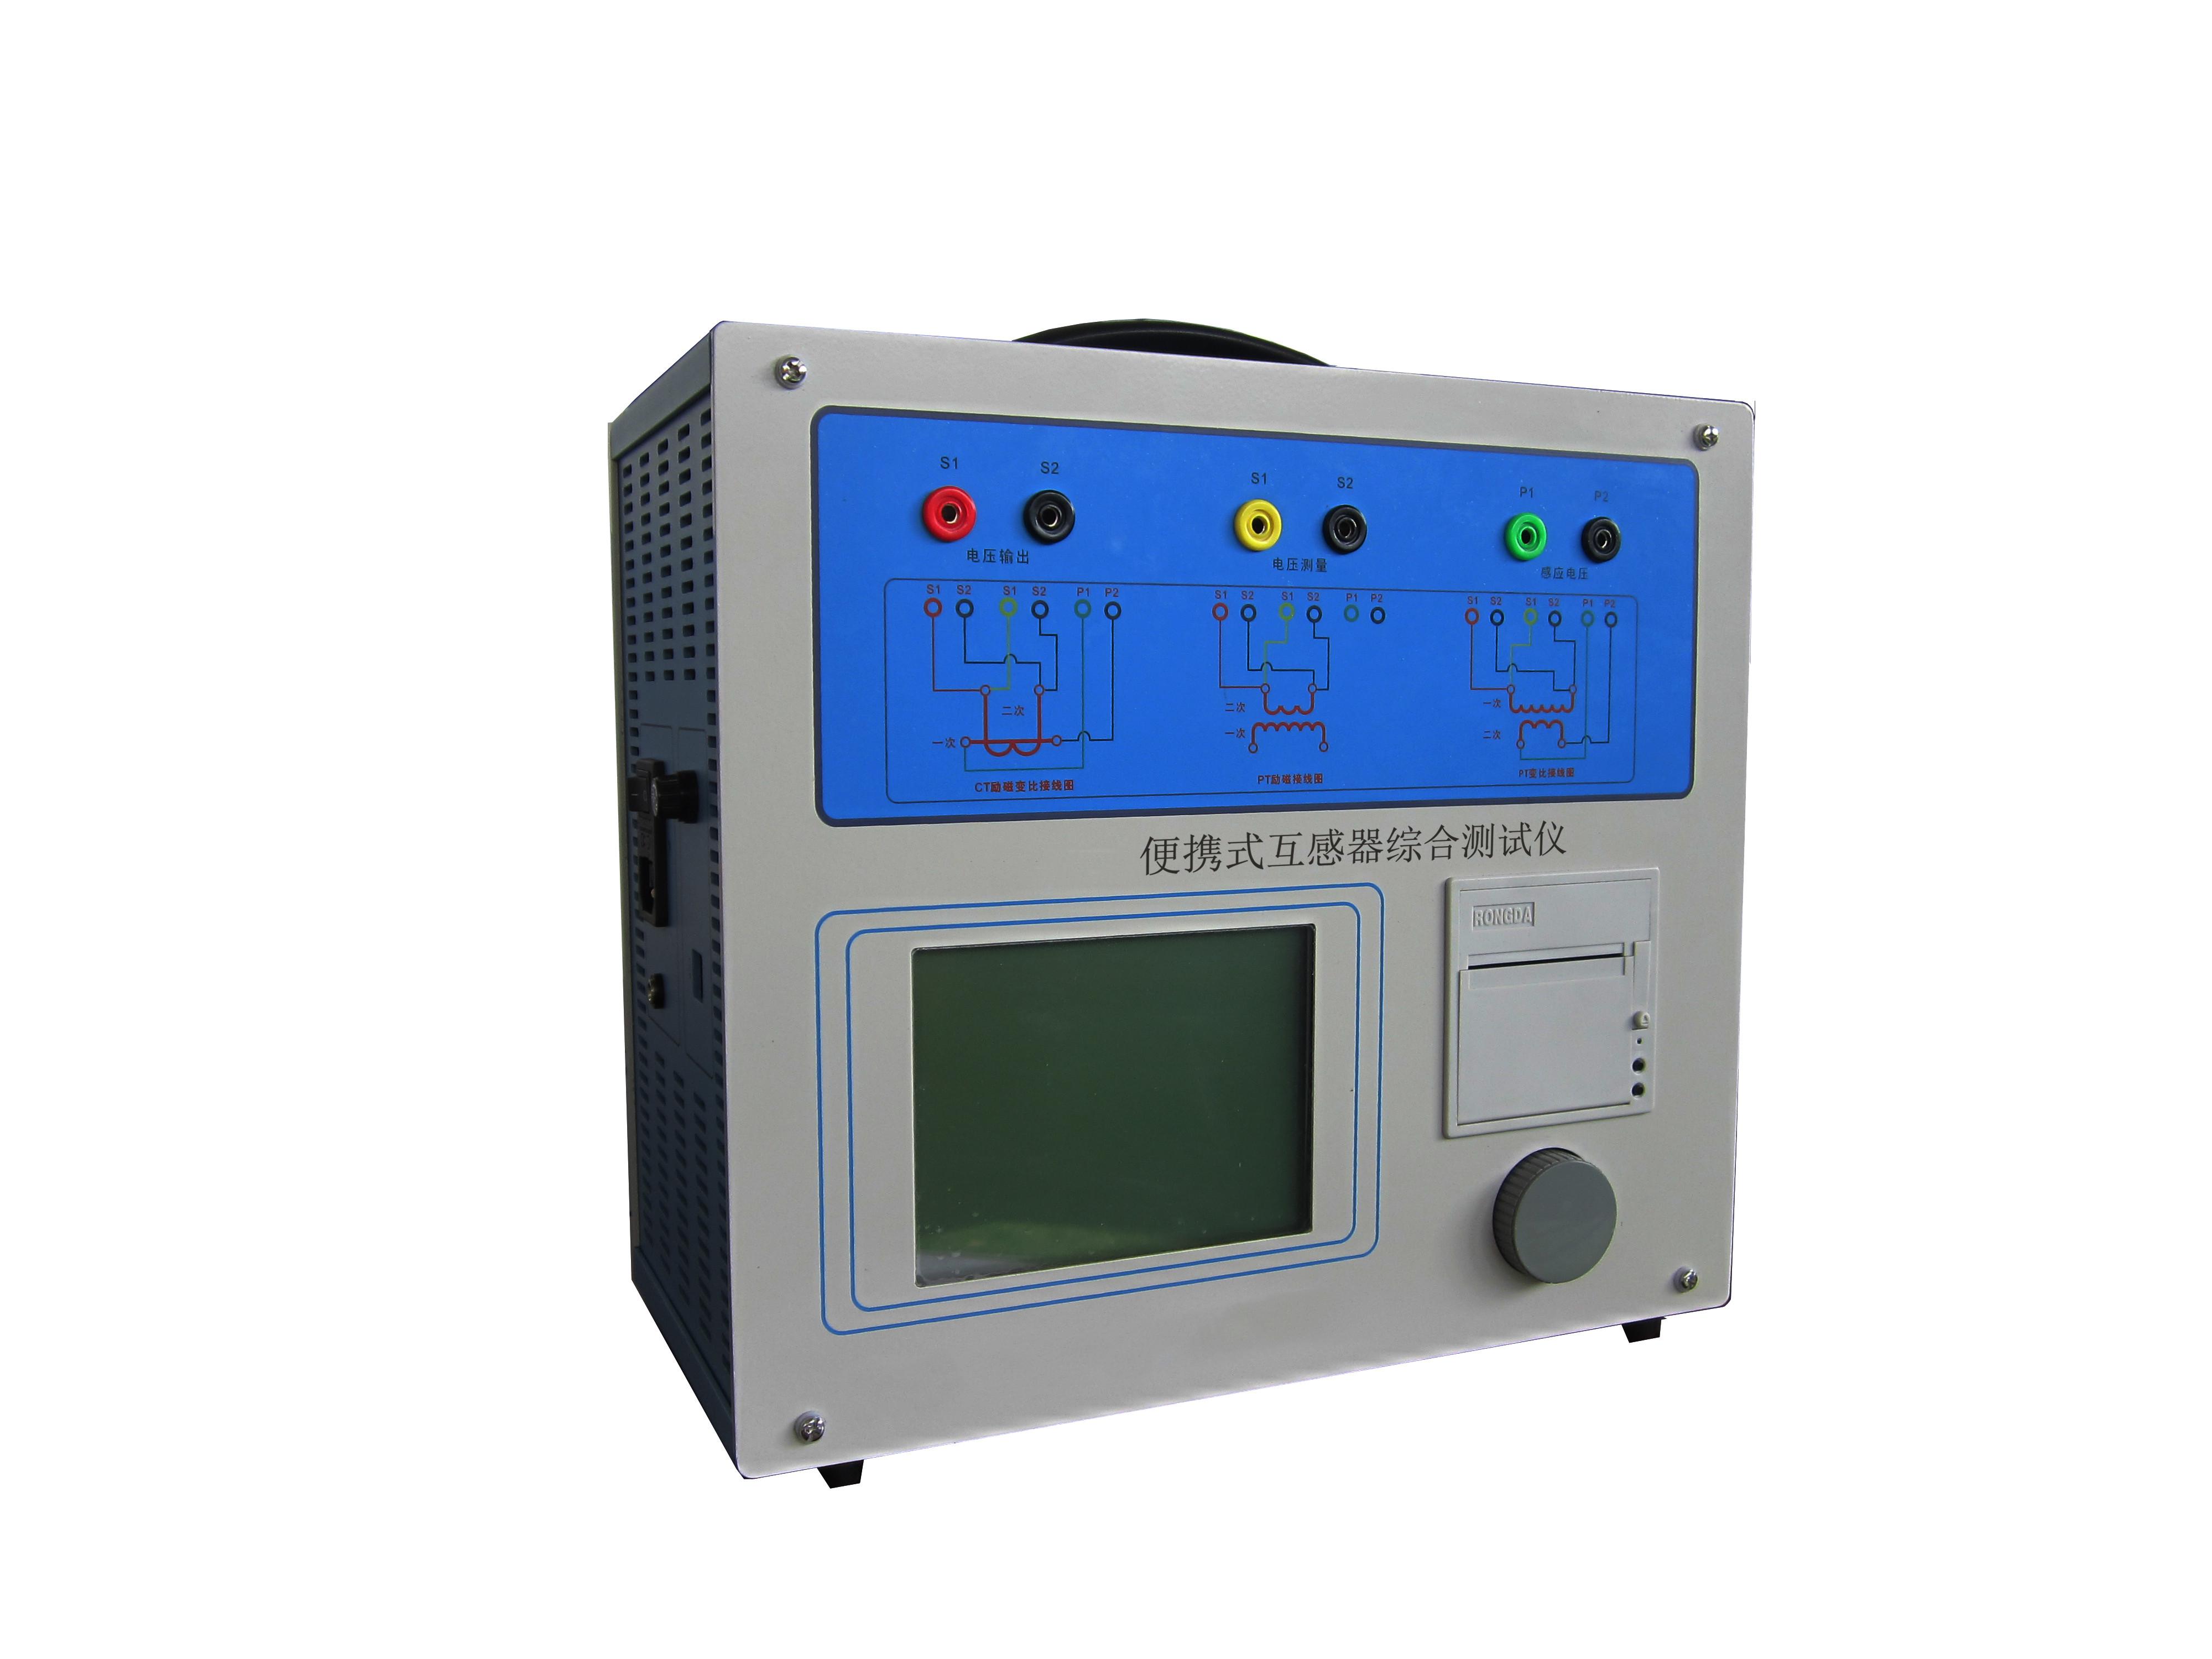 ZYHGQ-BP便携式互感器综合测试